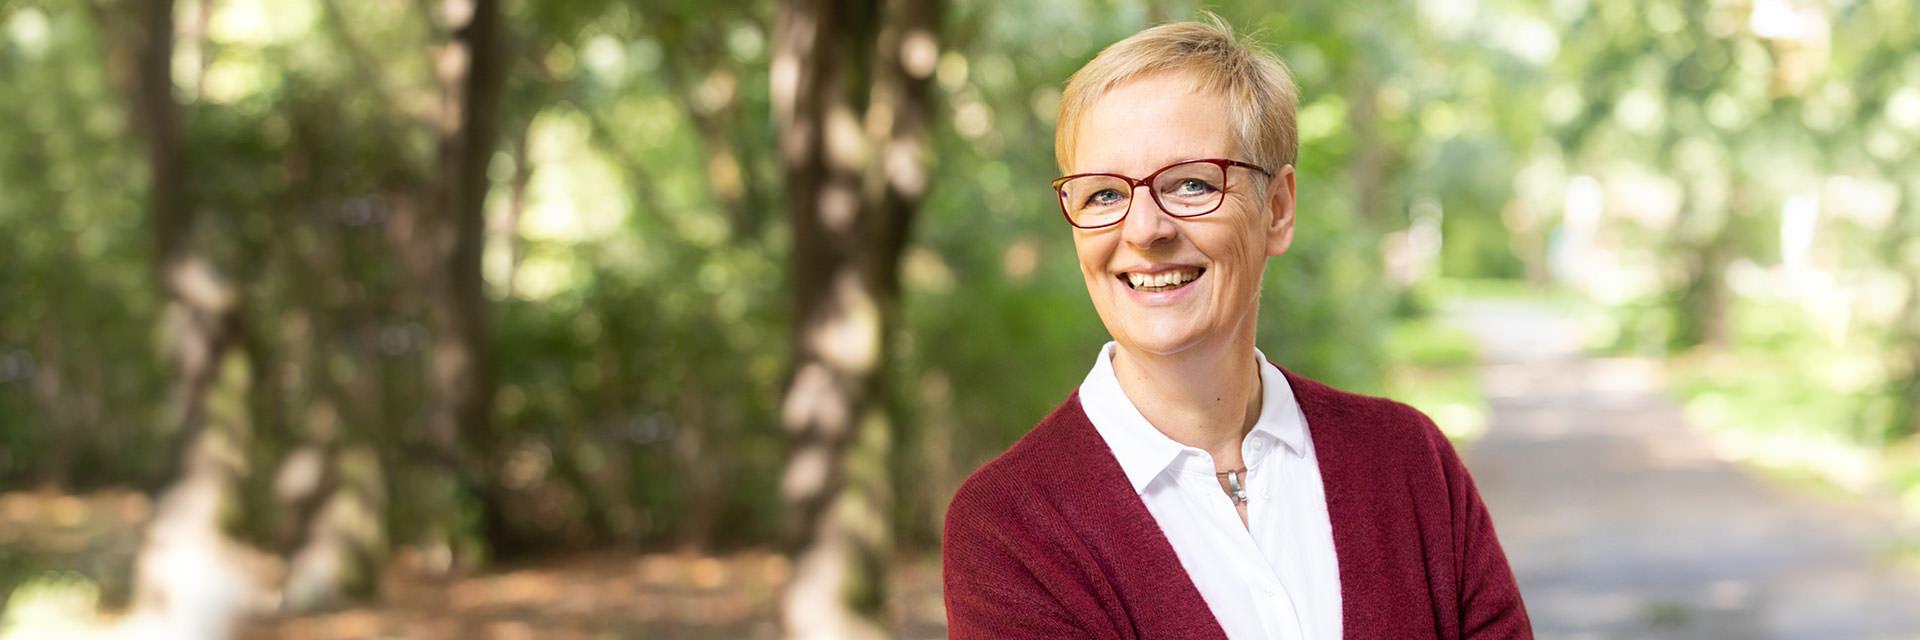 Christine Jung Portrait im Grünen | Frei-Räume